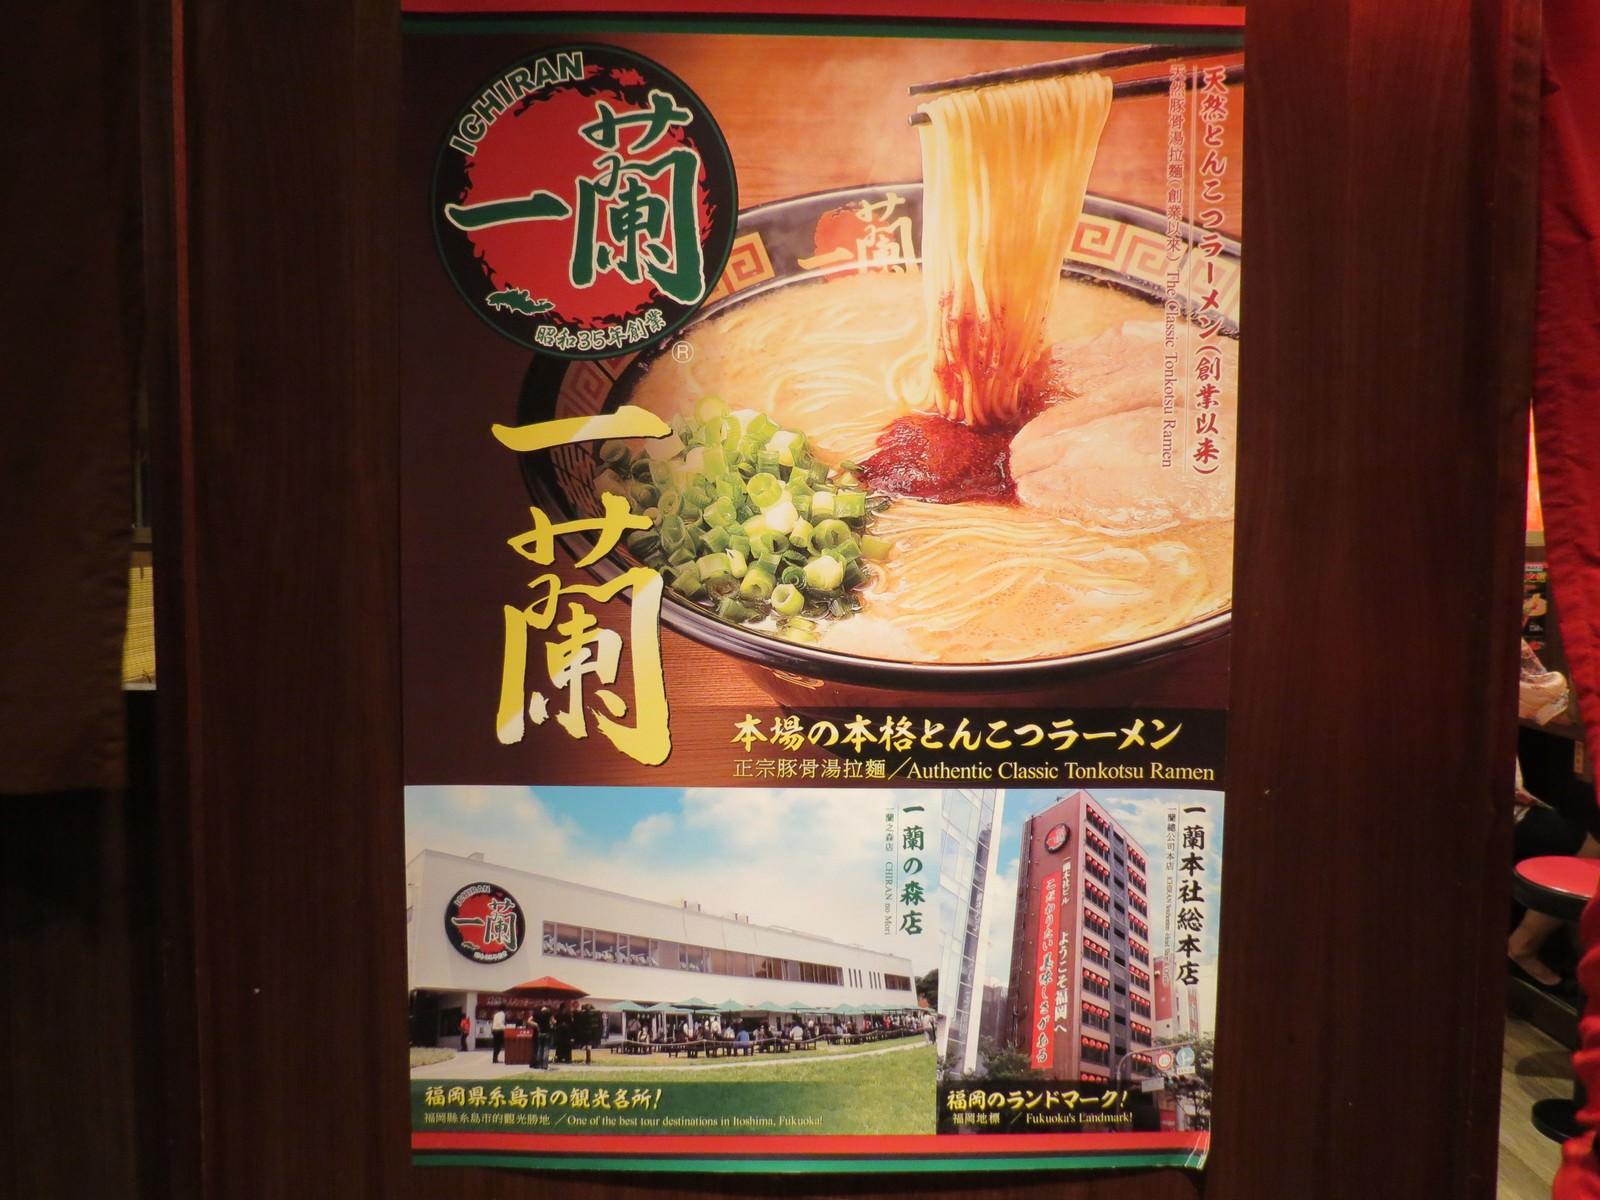 天然豚骨拉麵專門店一蘭@台灣台北本店, 宣傳海報